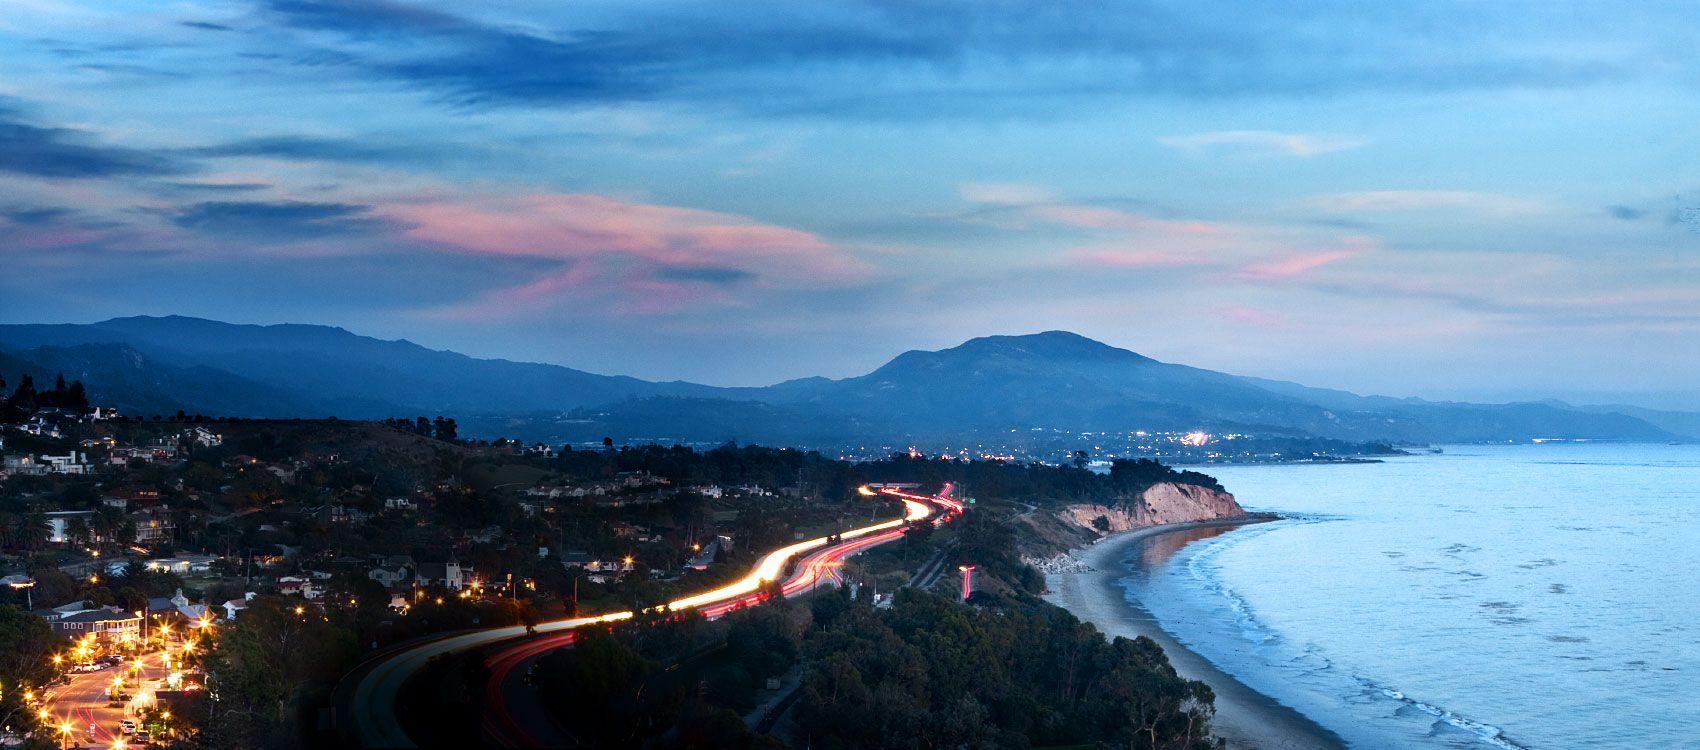 Santa Barbara Coastline | Image: IHG